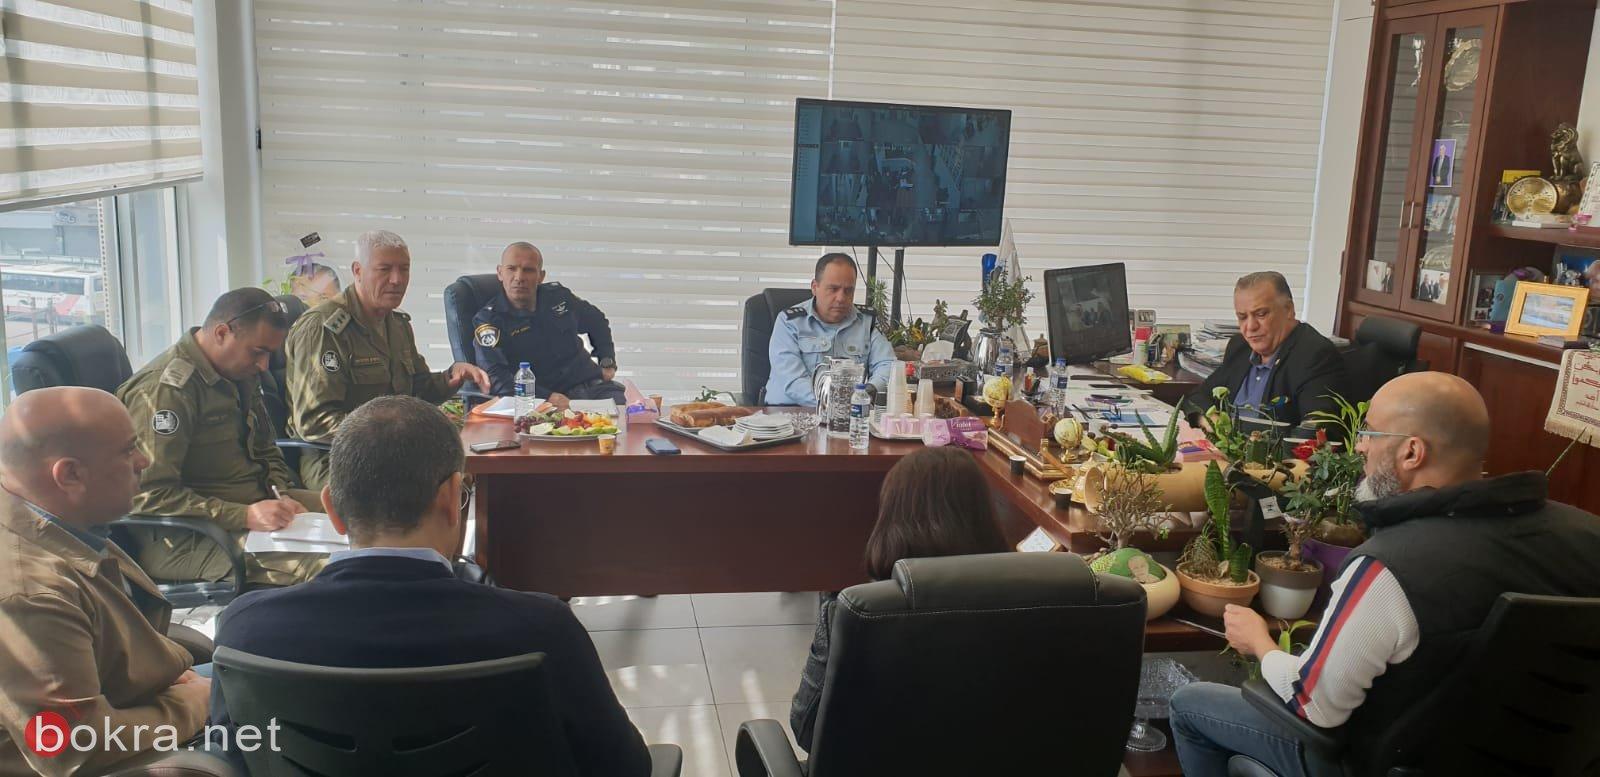 جلسة عمل مع قيادة الشرطة وقائد الجبهة الداخلية في بلدية الناصرة-6